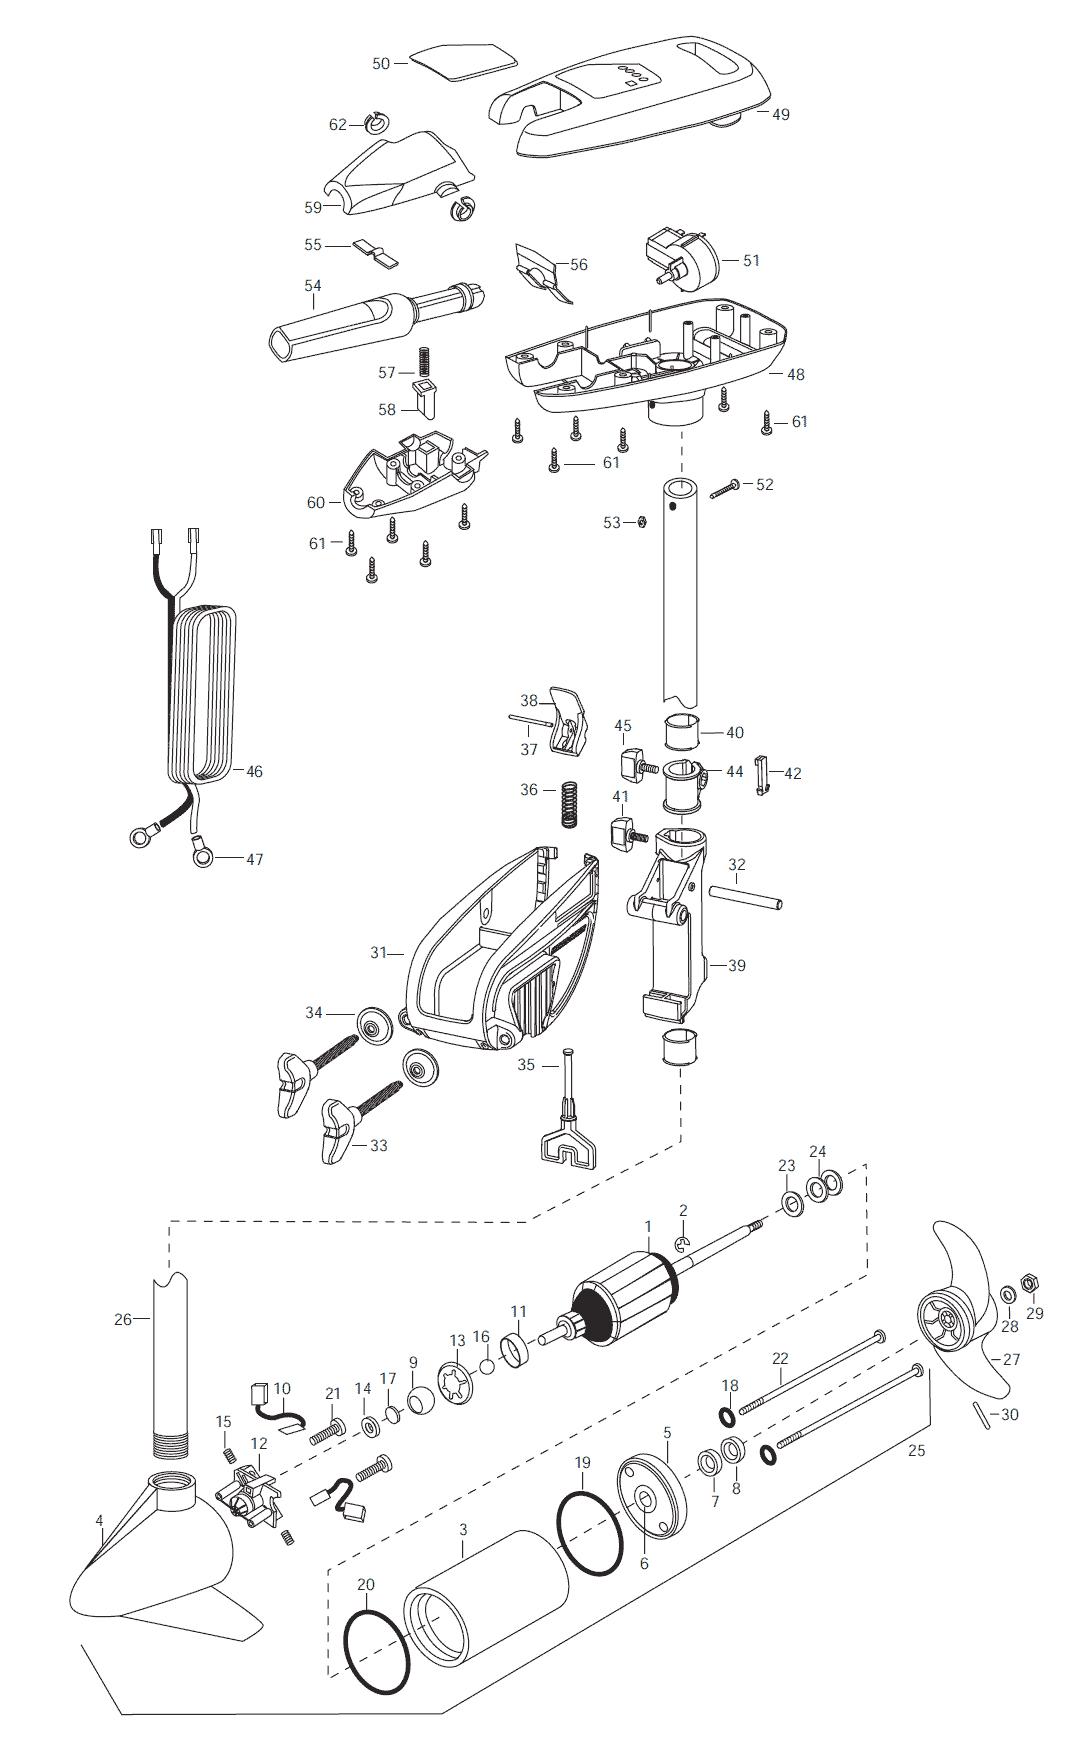 minn kota fortrex 80 parts diagram 1999 ford f150 speaker wiring riptide 42s 2003 from fish307